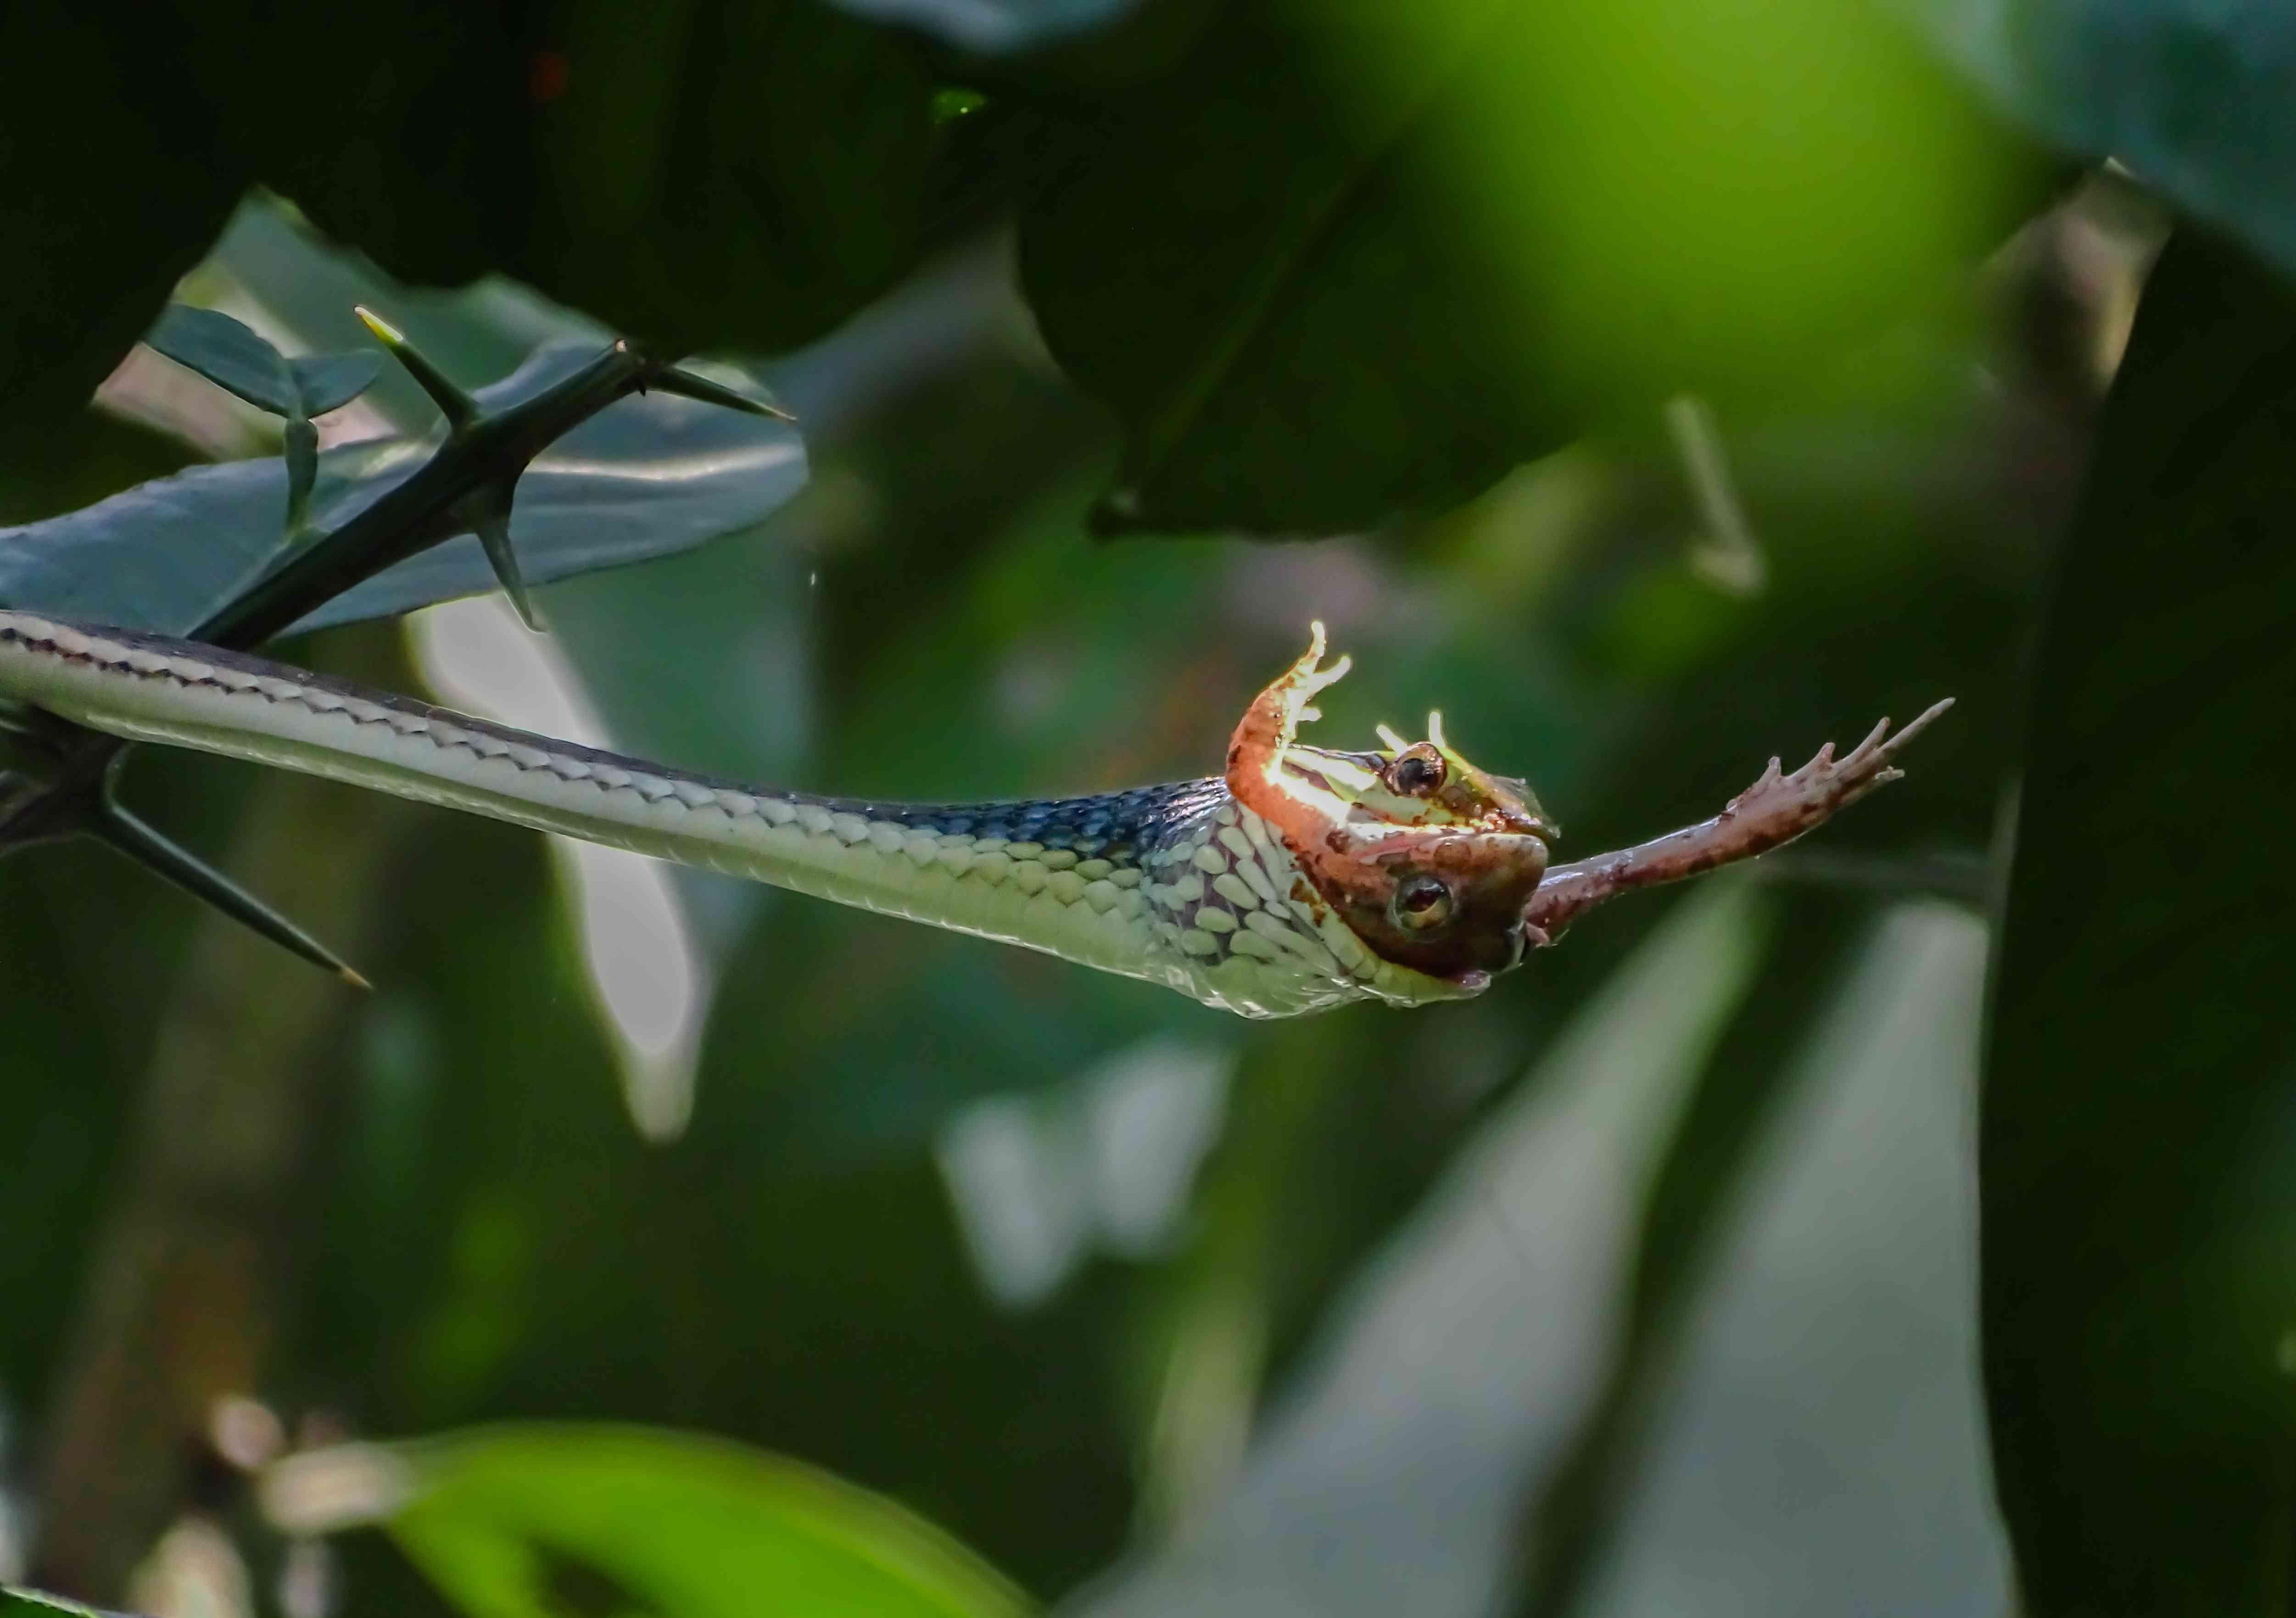 a brozeback tree snake killed a frog